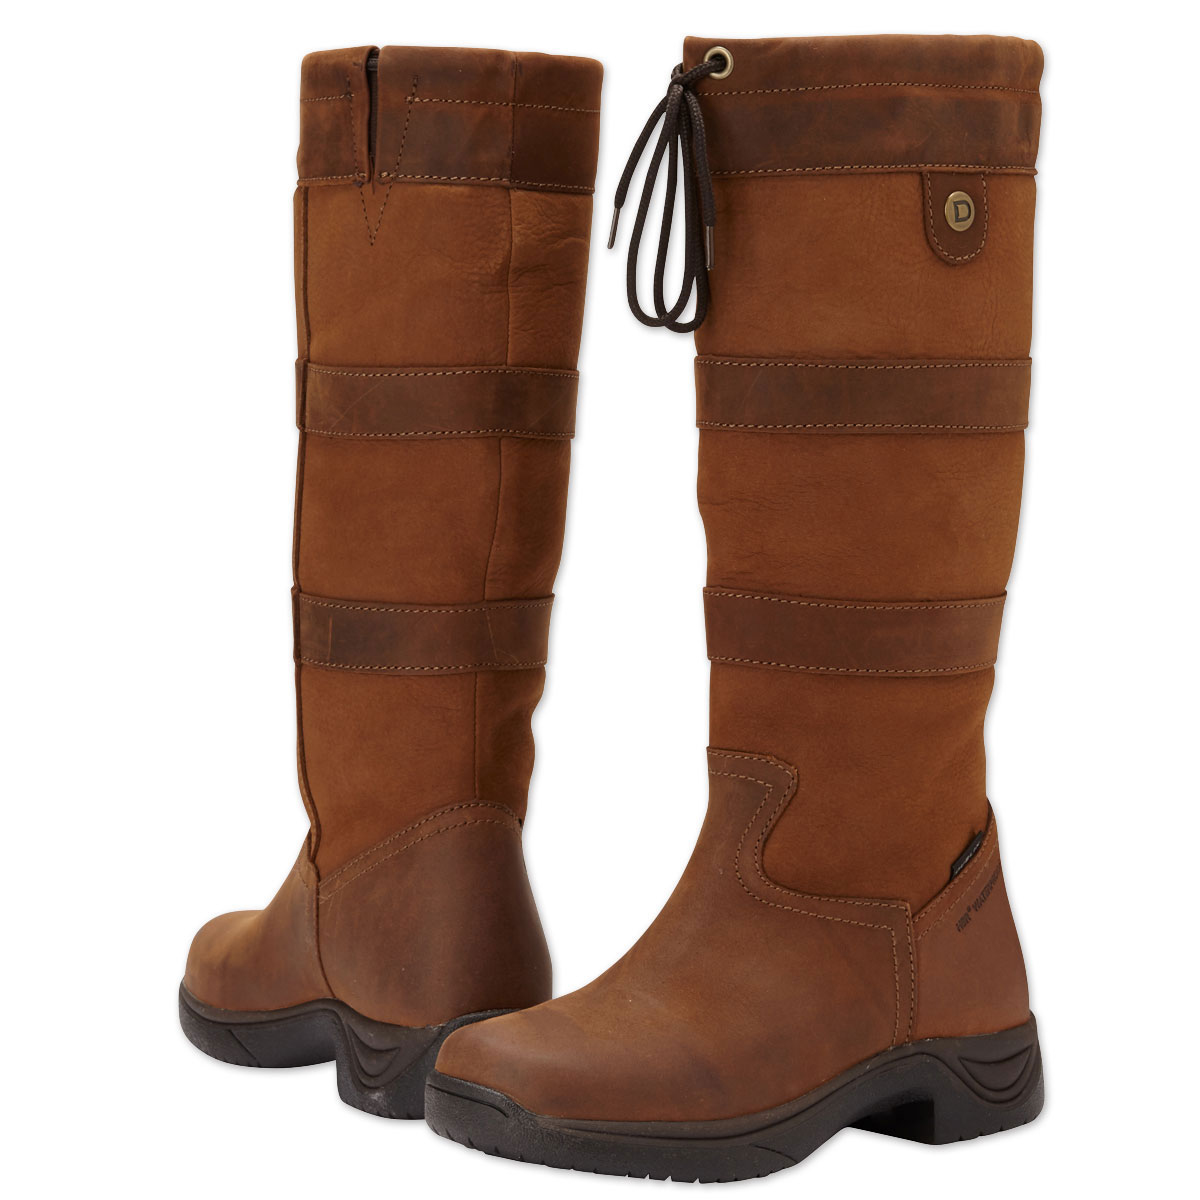 070466ae9b7a Dublin Wide Calf River Boot III